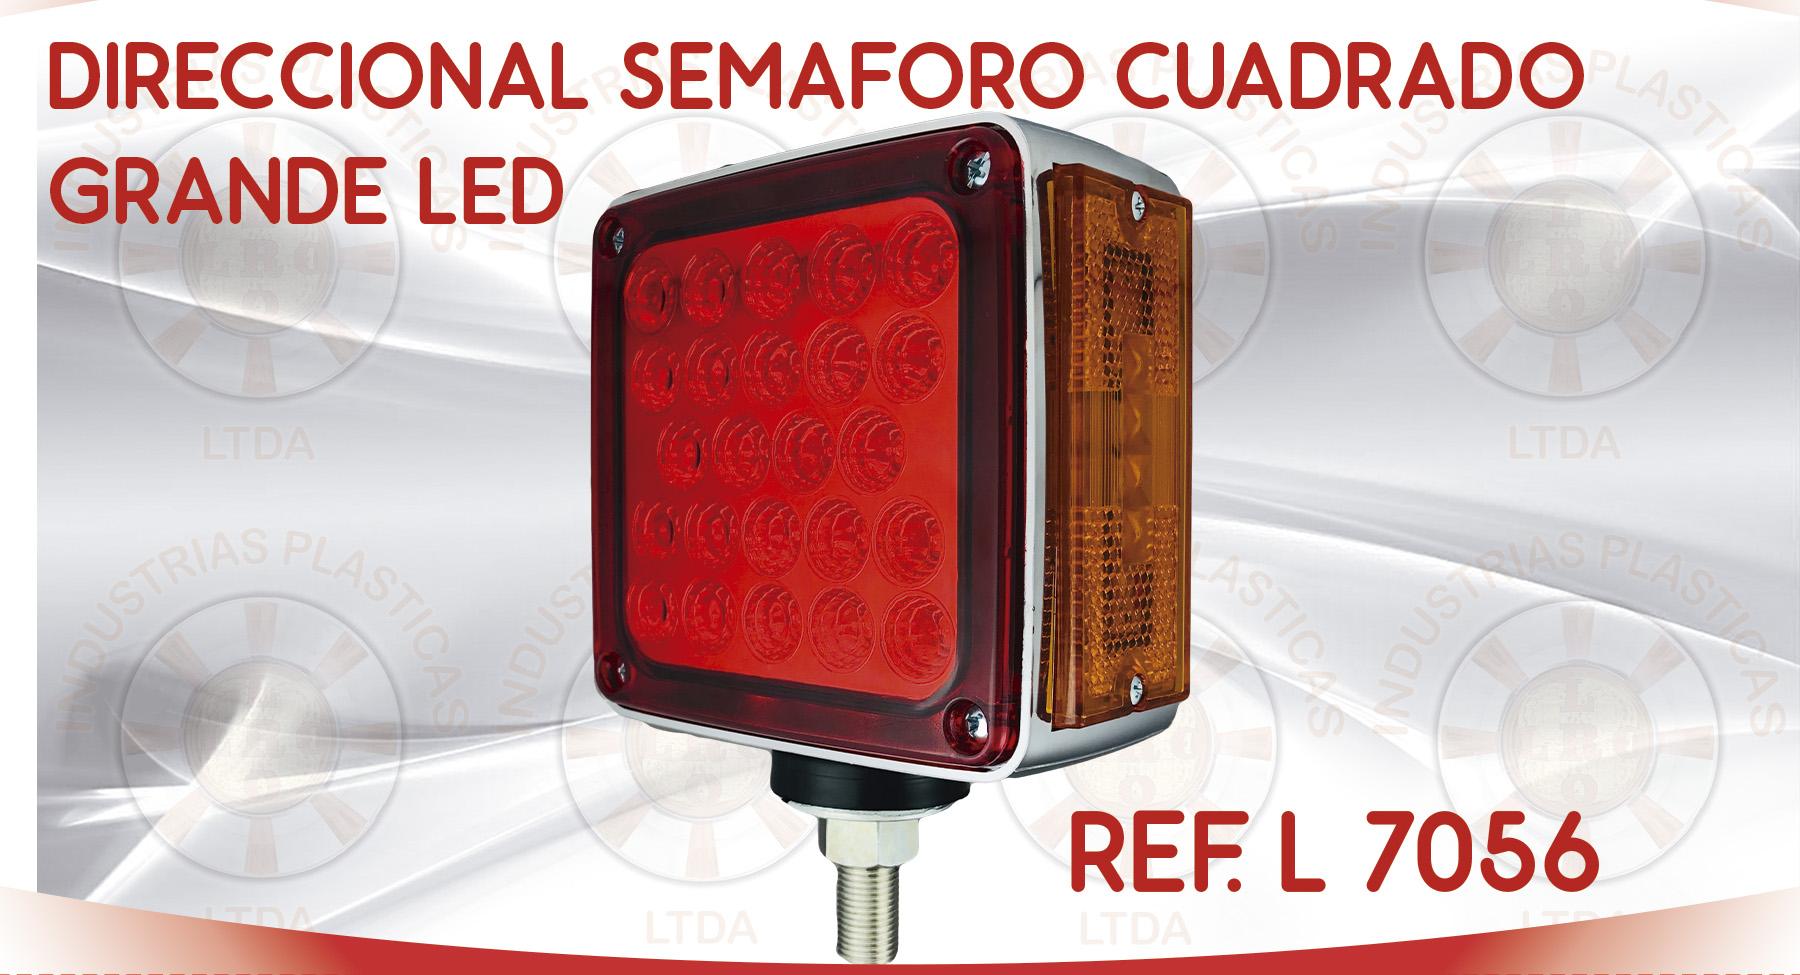 L 7156 DIRECCIONAL SEMAFORO CUADRADO GRANDE LED